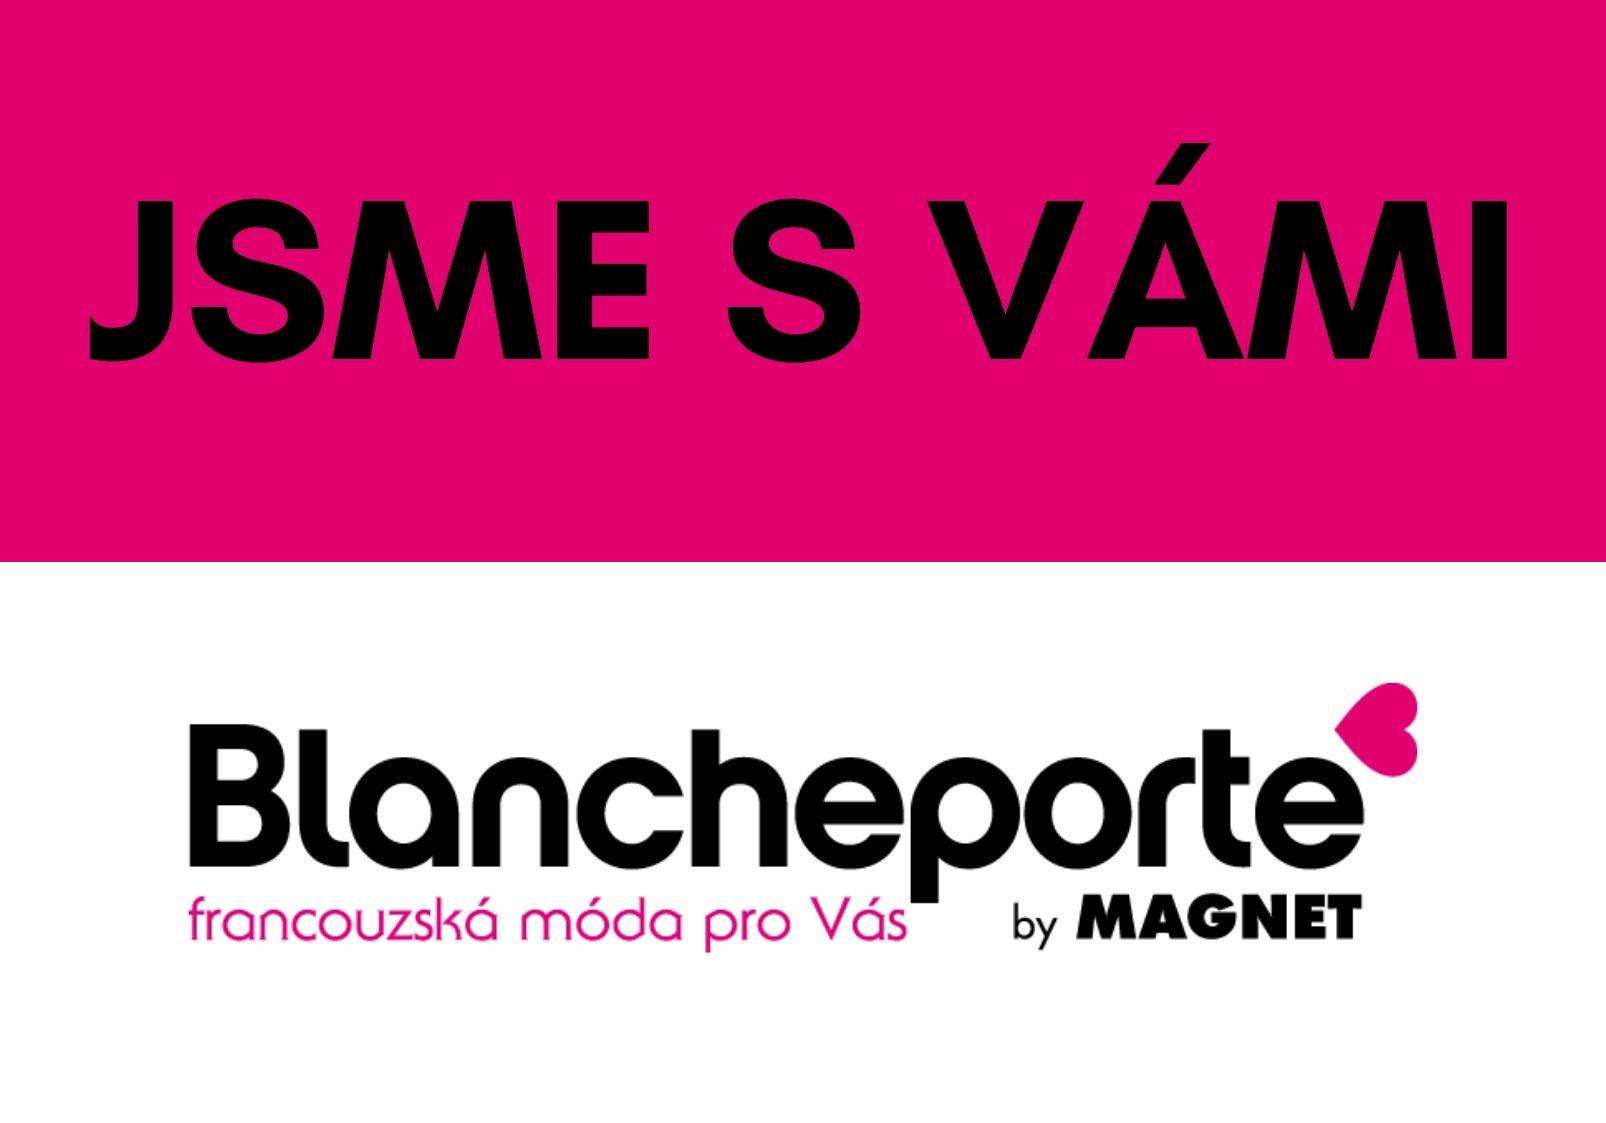 Blancheporte aktuálně: nenecháme vás v tom a jsme stále s vámi!